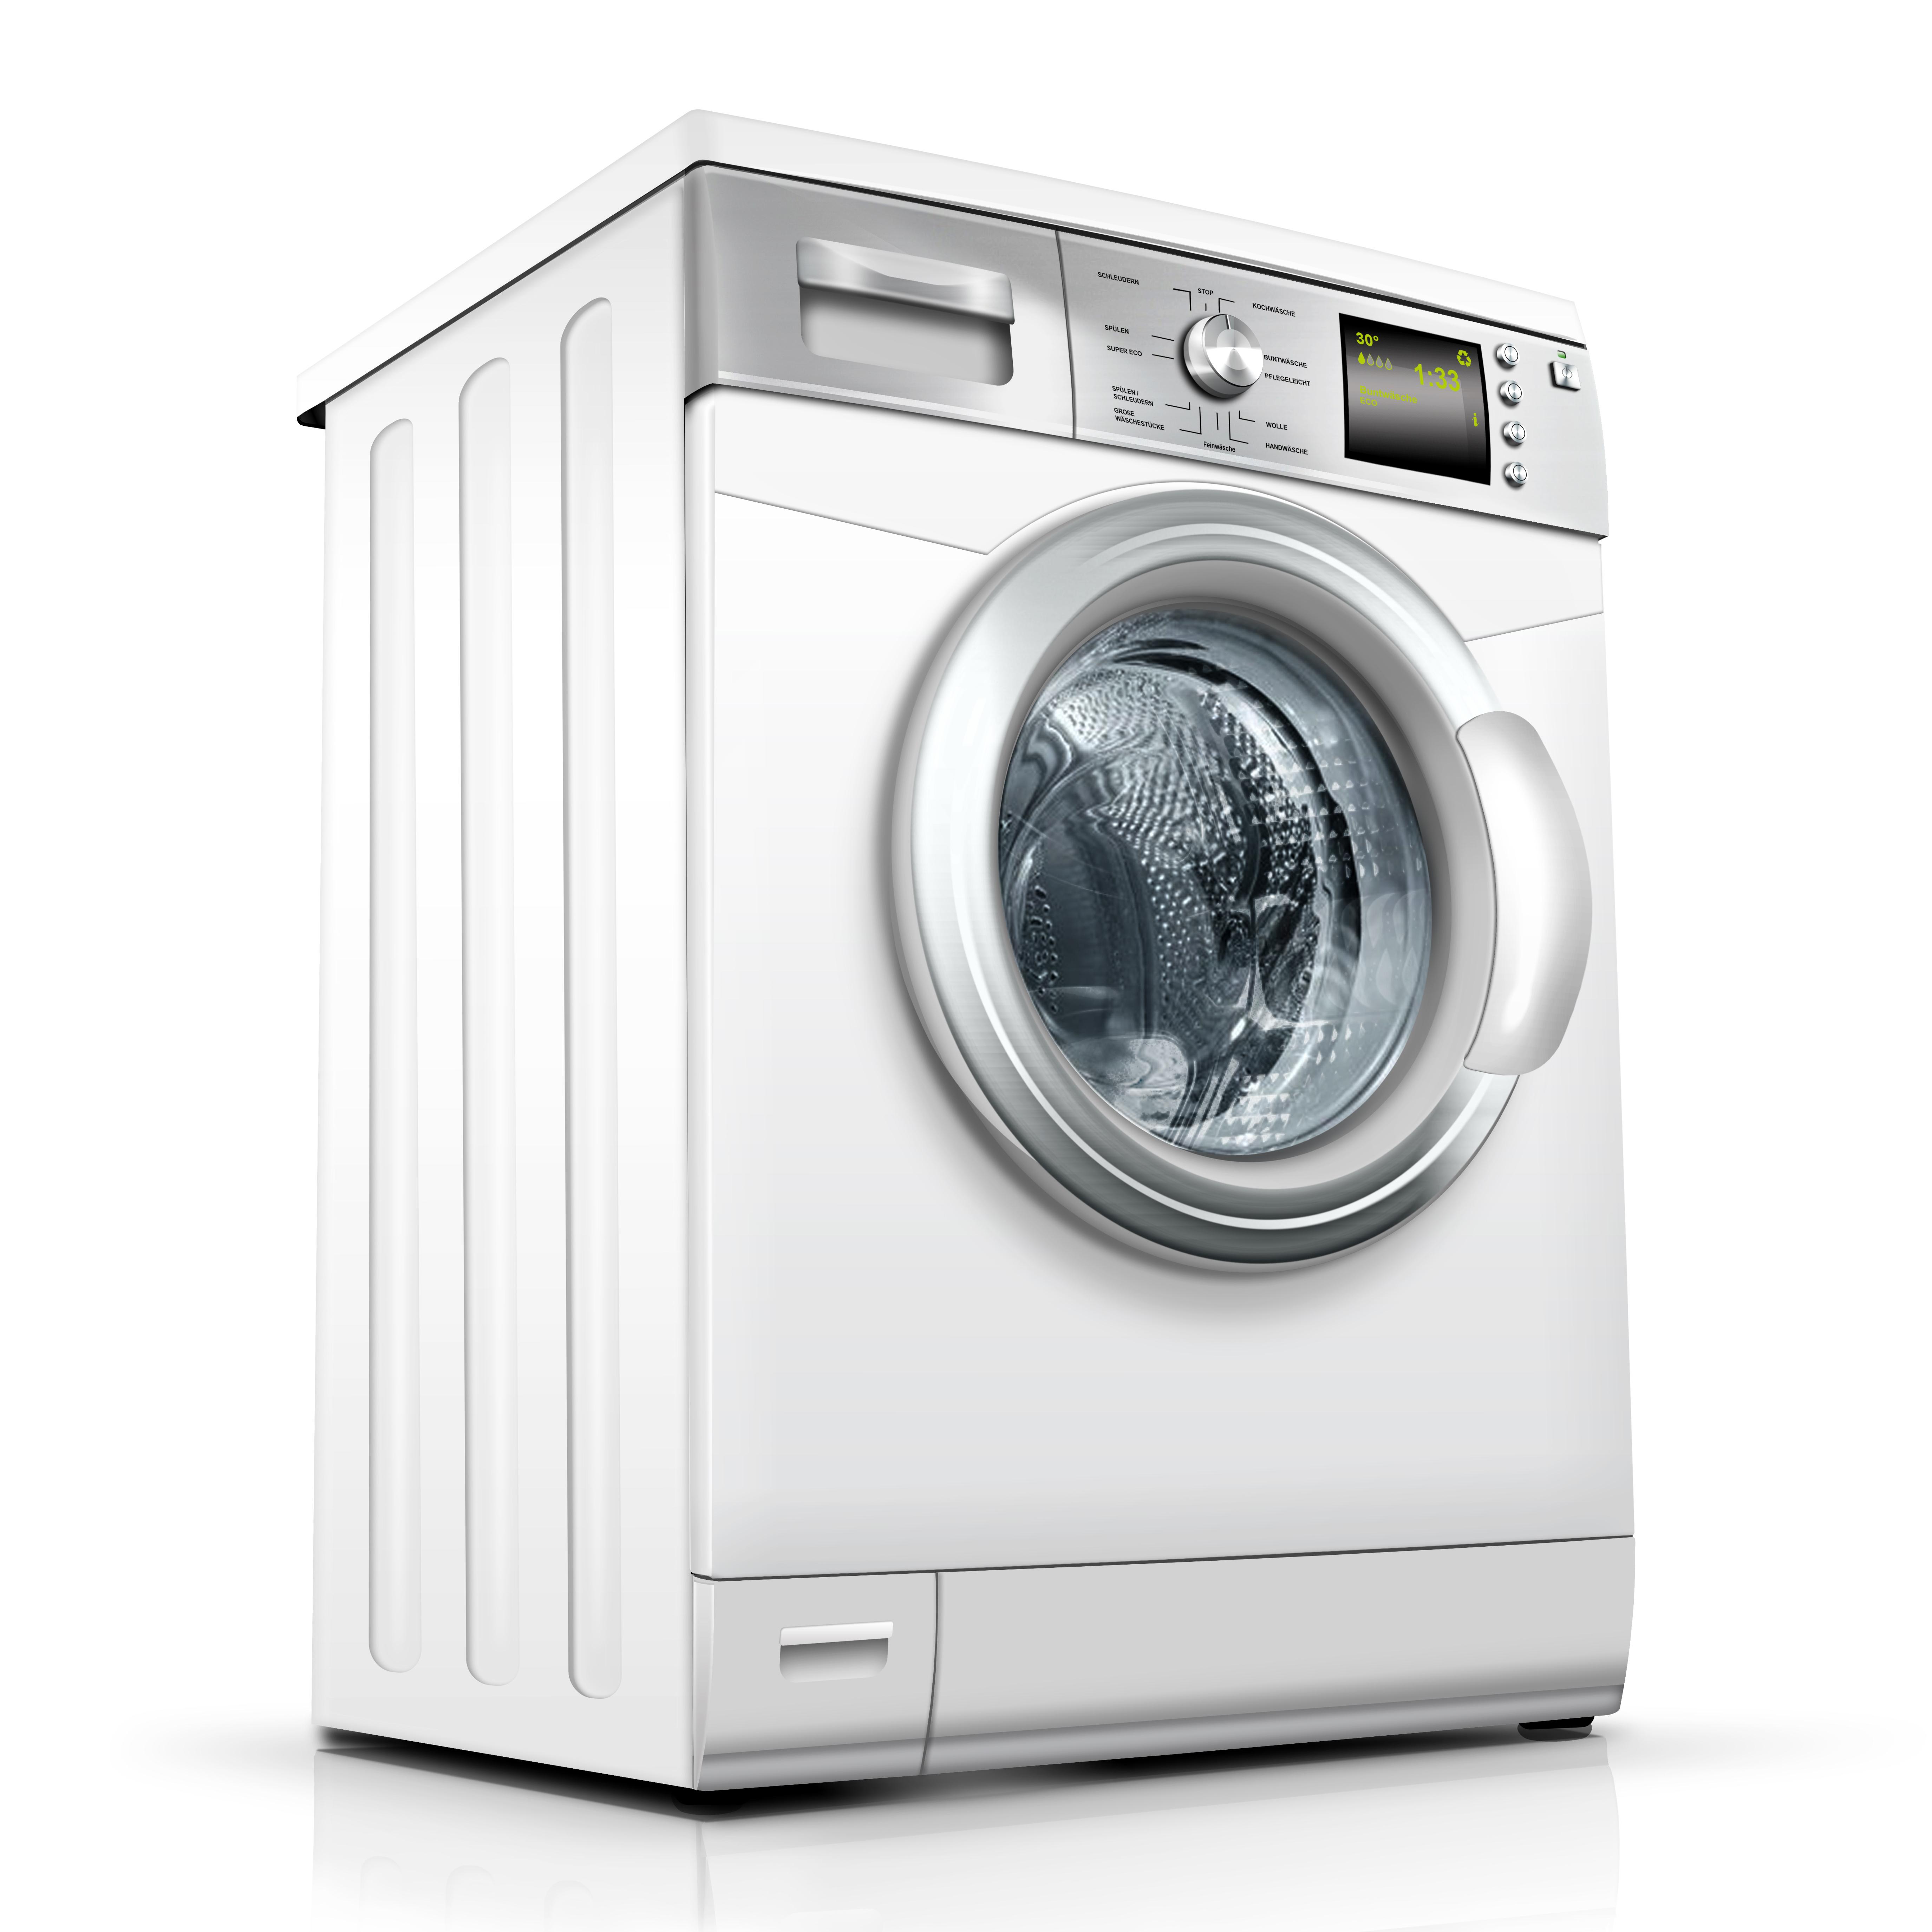 Vendita Lavatrici Usate Napoli.Dai Una Seconda Vita Agli Elettrodomestici